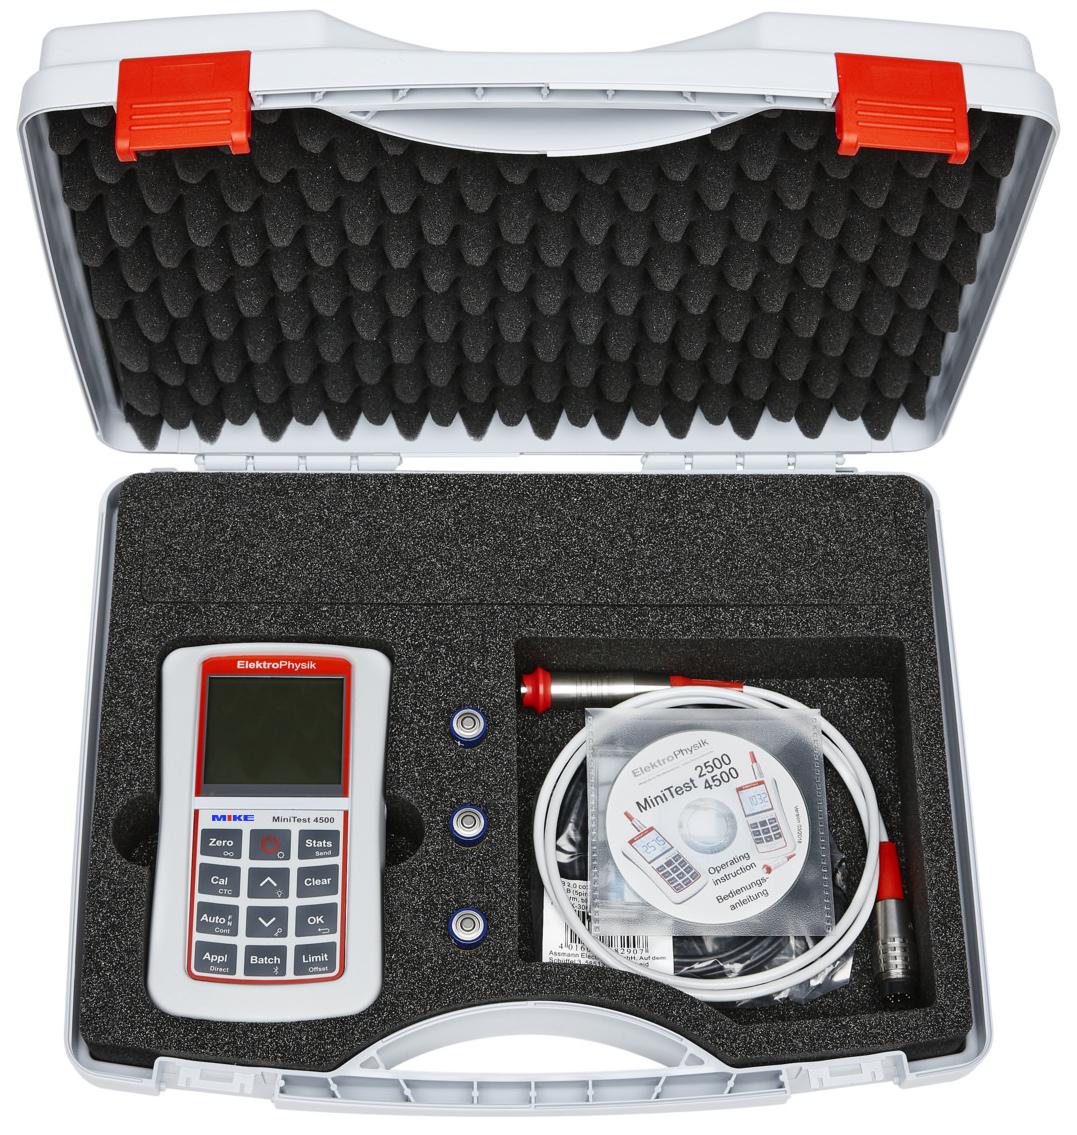 Bộ hoàn chỉnh máy đo độ dày lớp phủ Minitest 2500-4500